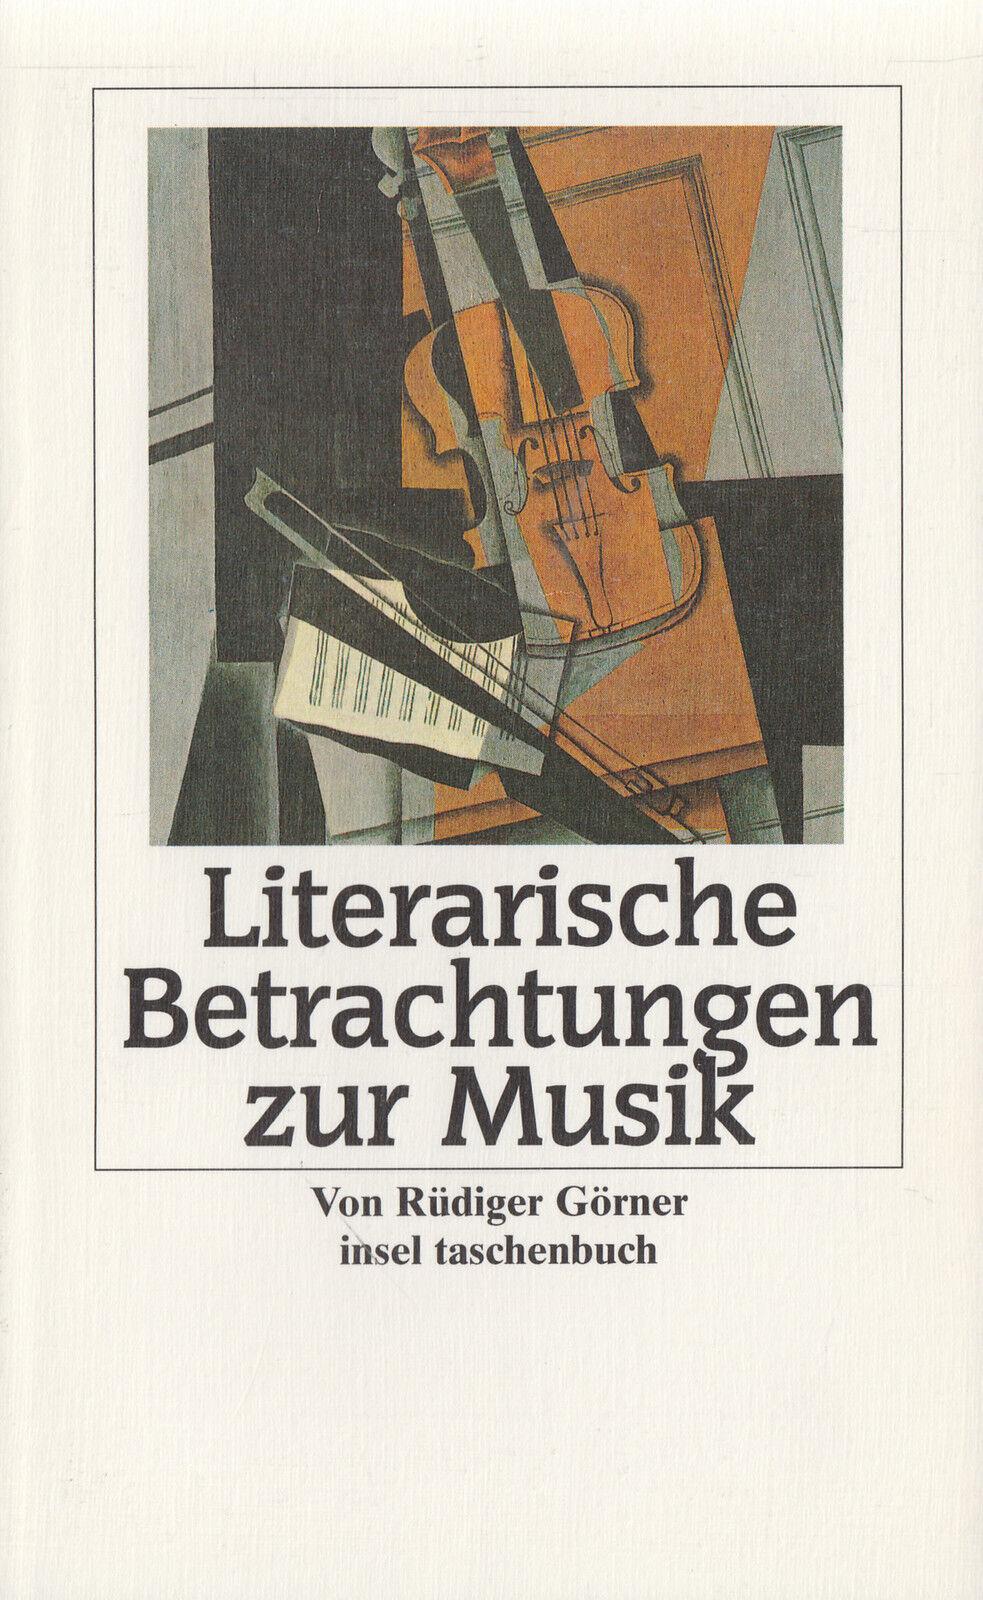 in- GÖRNER : LITERARISCHE BETRACHTUNGEN ZUR MUSIK   2711 a   Erstausgabe - Meine Beschreibung